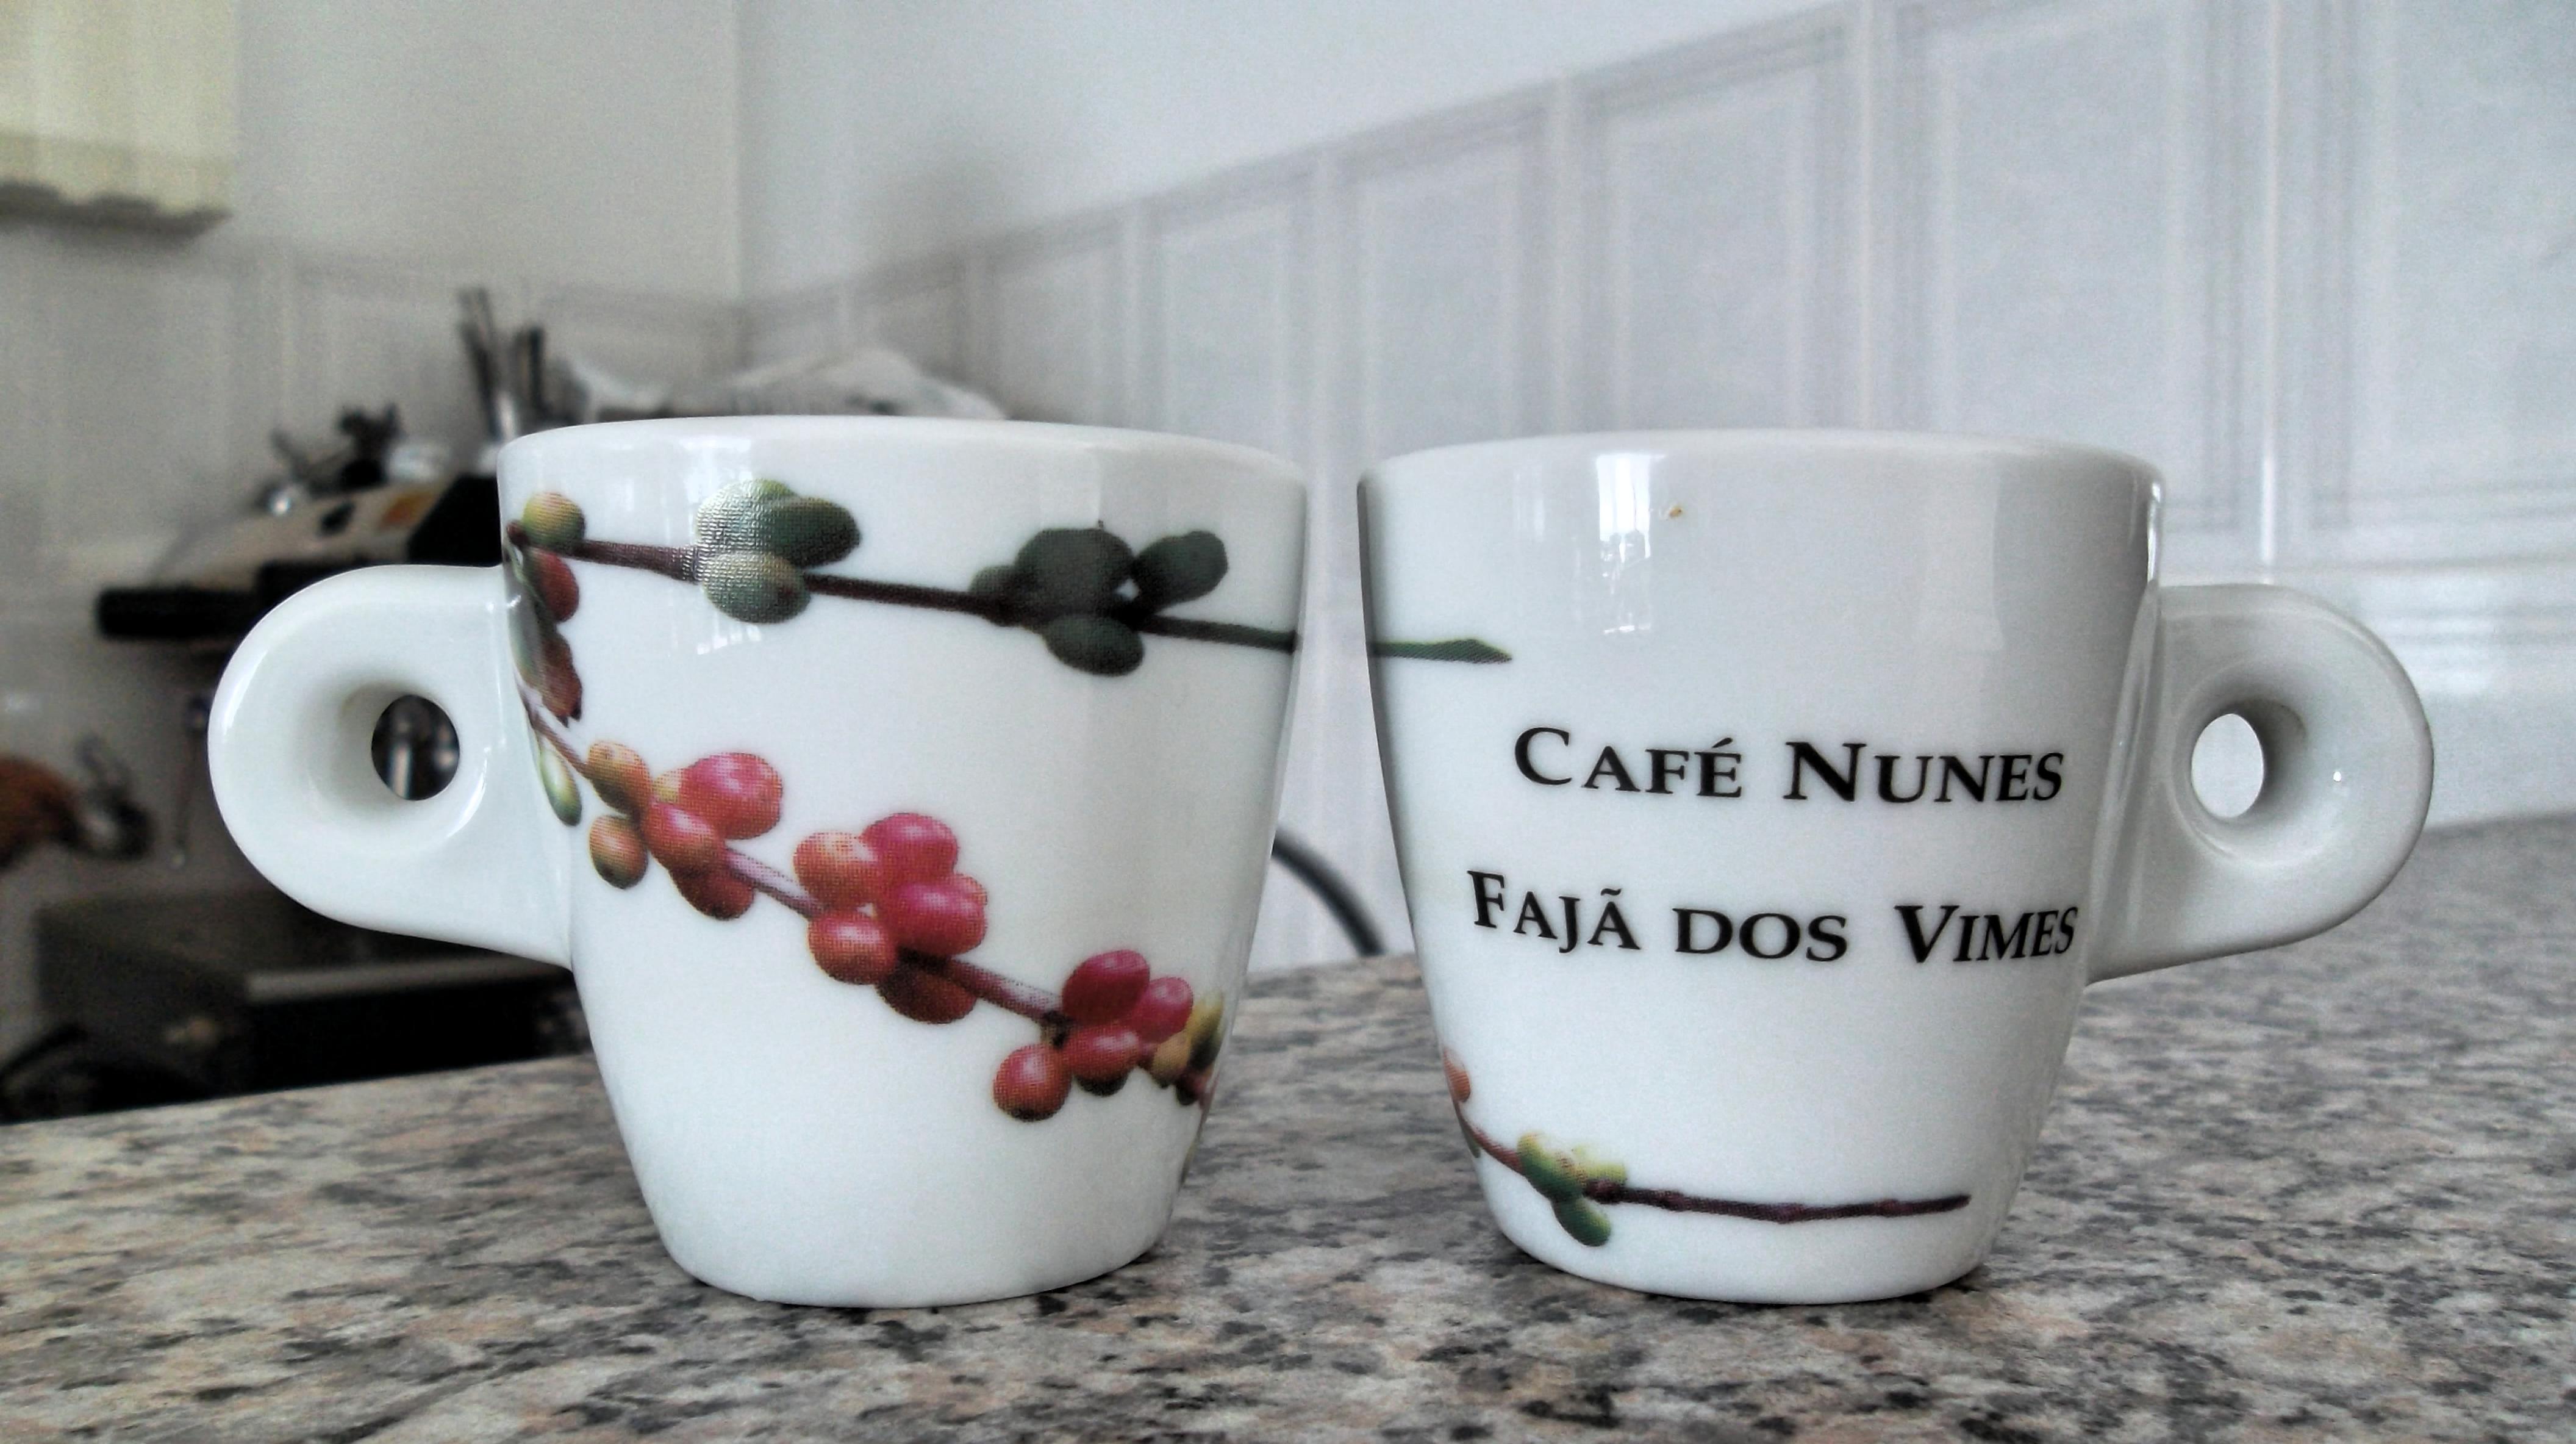 """Café da Fajã dos Vimes – """"O segredo está no próprio café"""", afirma Manuel Nunes (c/áudio)"""